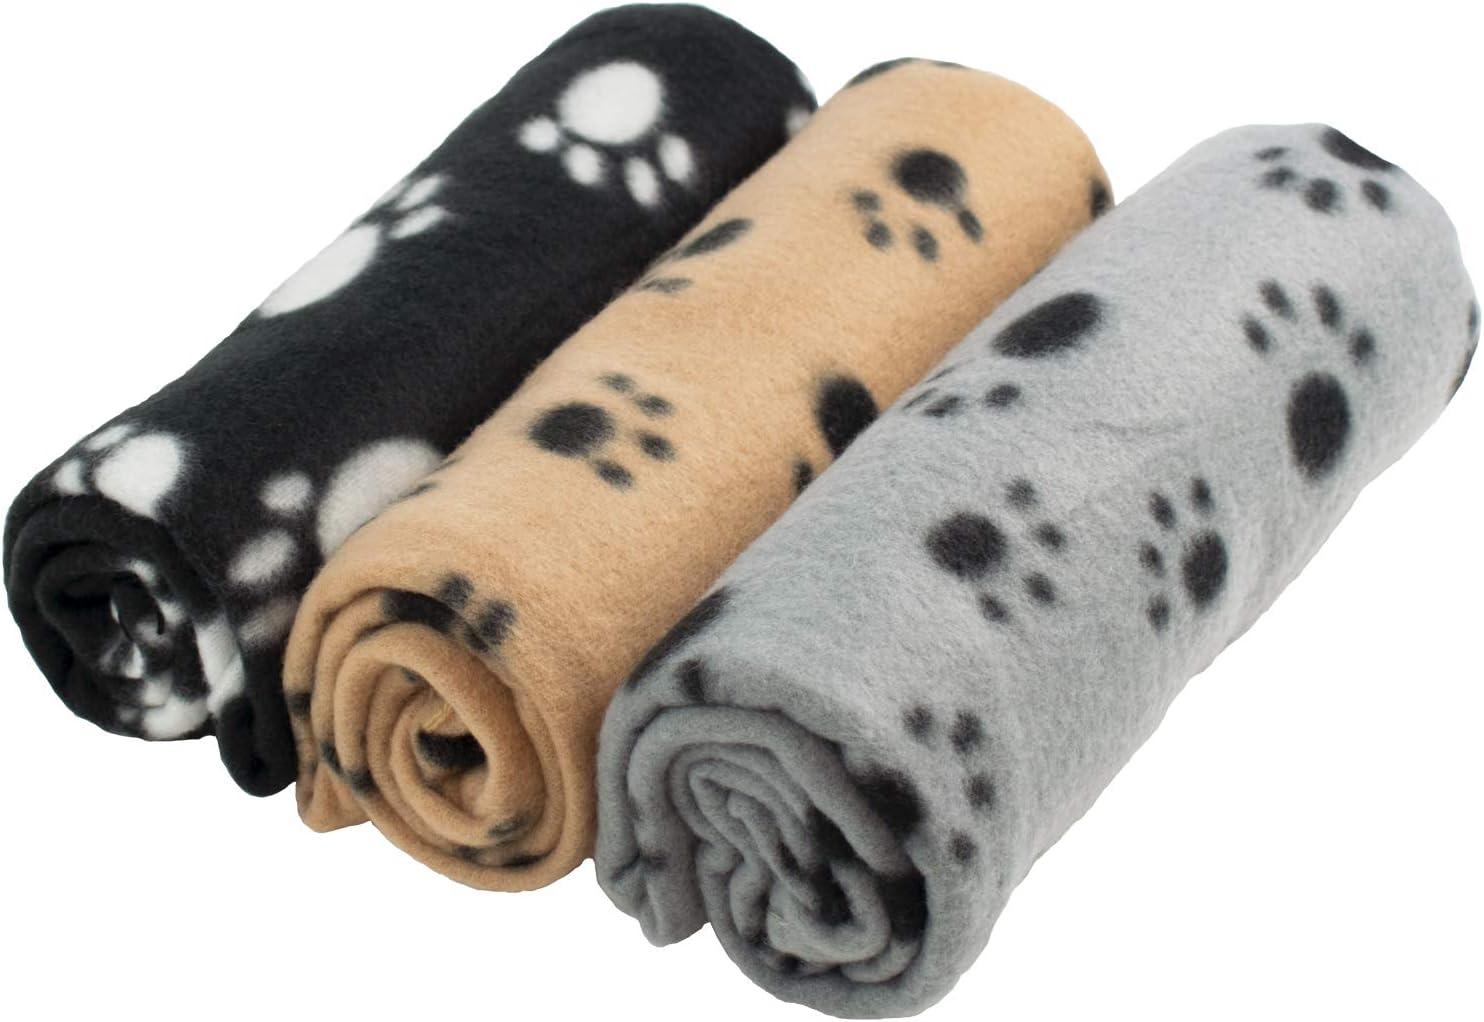 DIGIFLEX Grandes Mantas de Suave Felpa - Para Perros, Gatos, Conejos y Otras Mascotas - Una Buena Adición a la Cama de Su Animal - Mantas para Perros - Mantas de Gatos - 3 Unidades - 68cm x 92cm